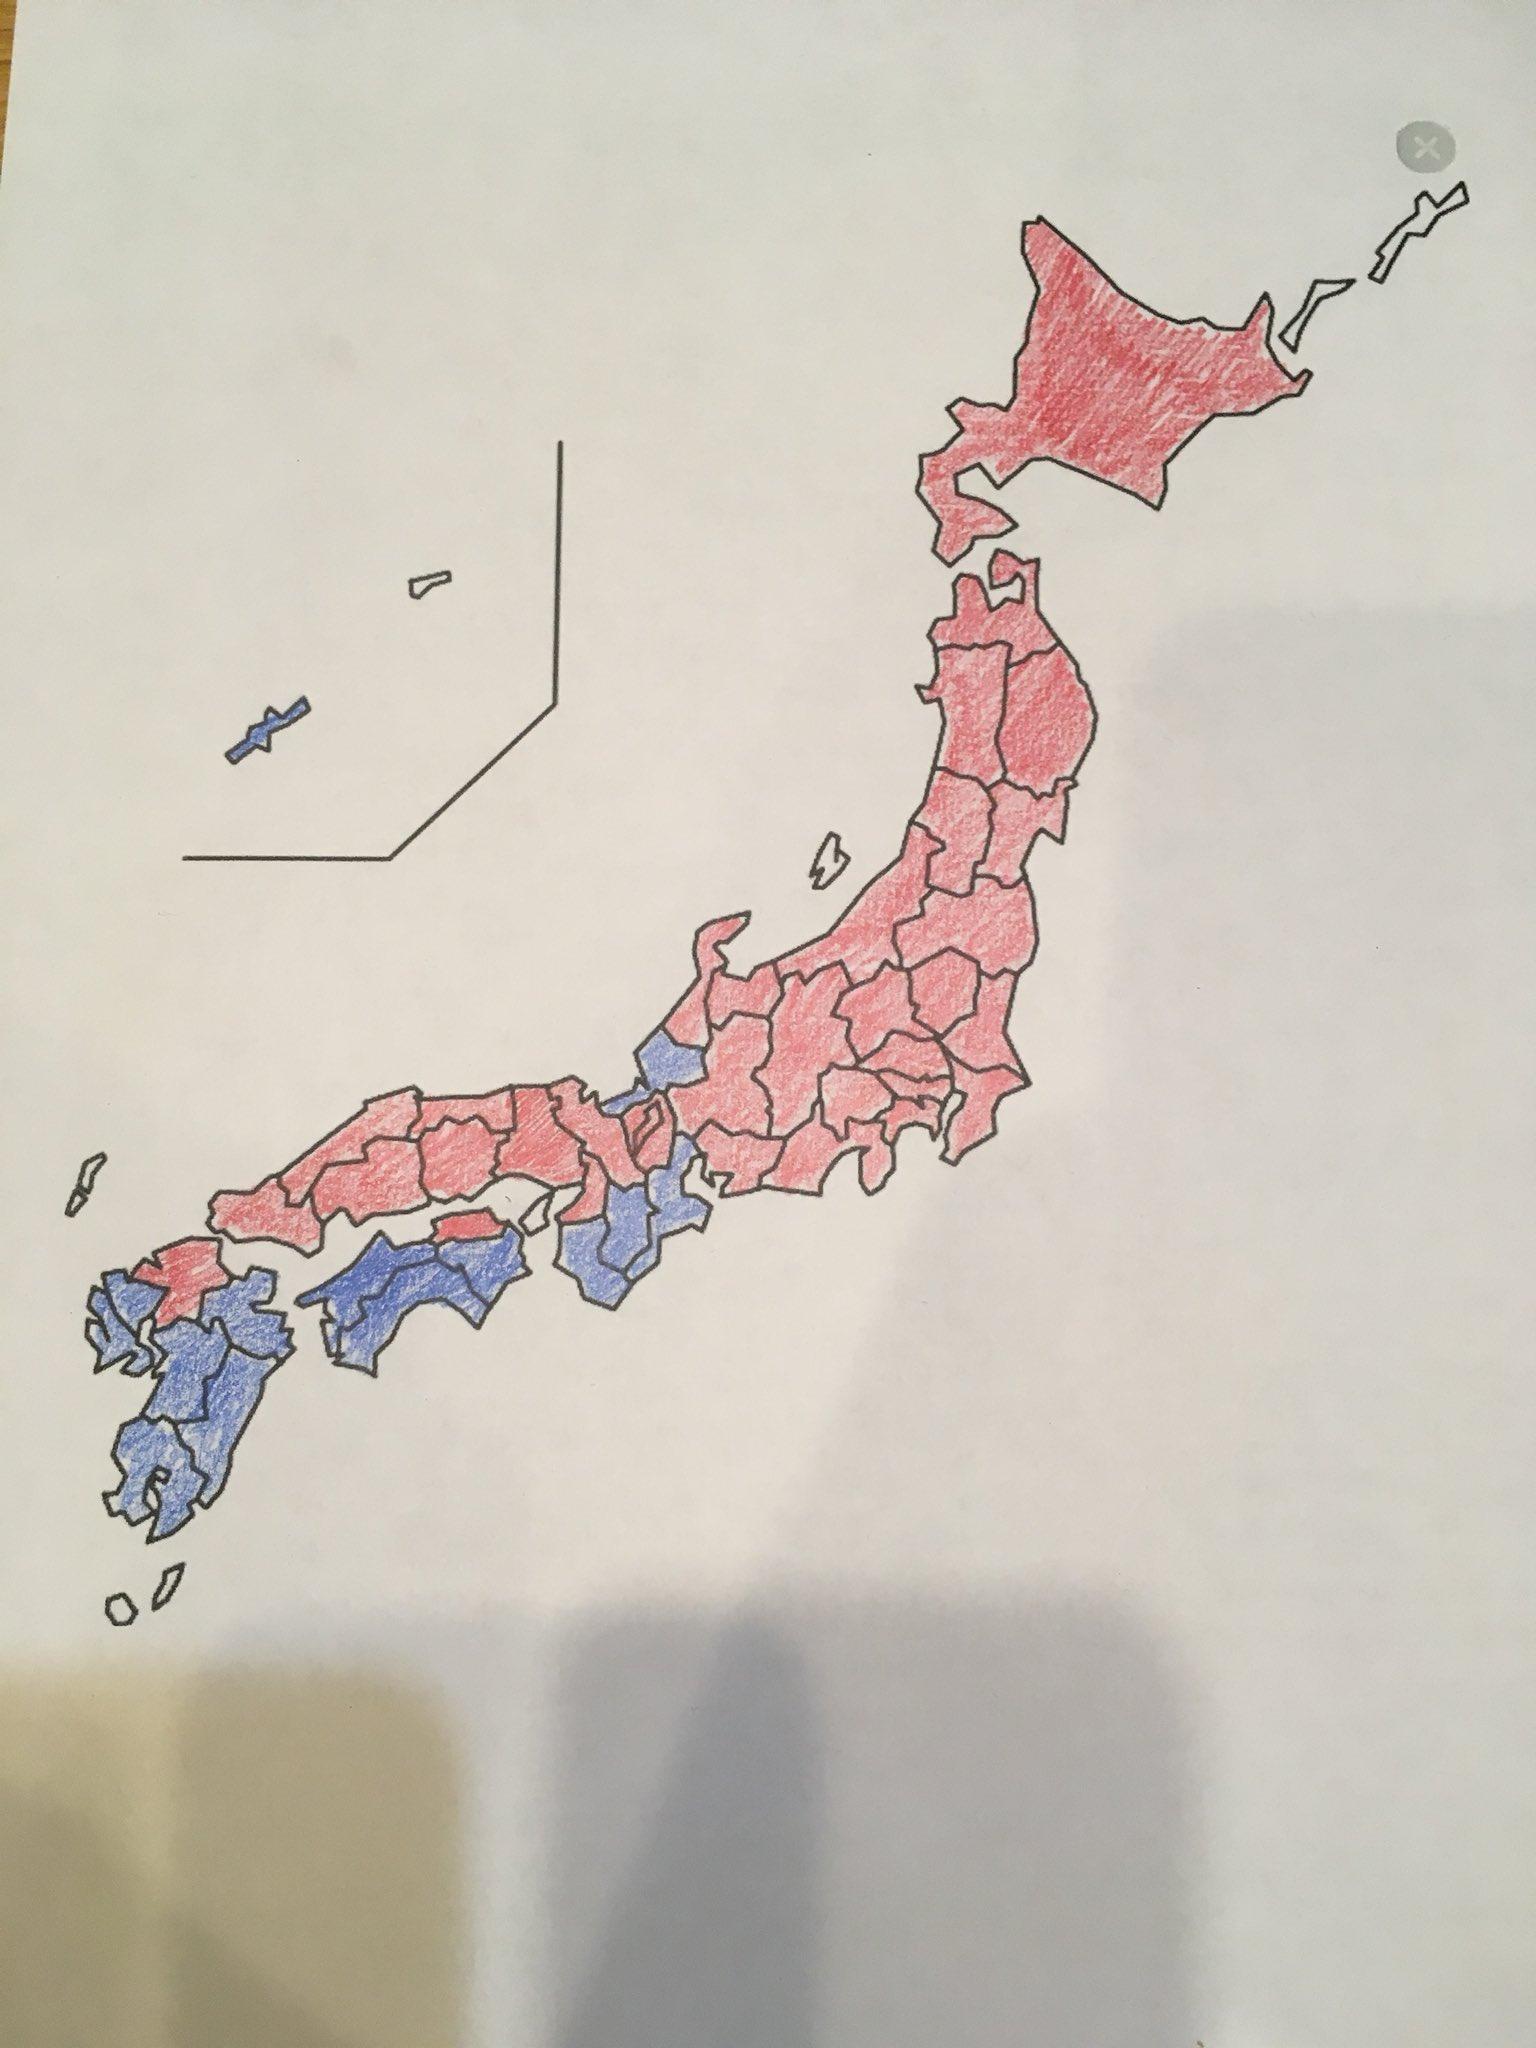 東京駅から乗り換えなしで一本で行ける都道府県を赤で、そうでない都道府県を青で塗ってみた。東京駅がいかに偉大かがよく分かる。